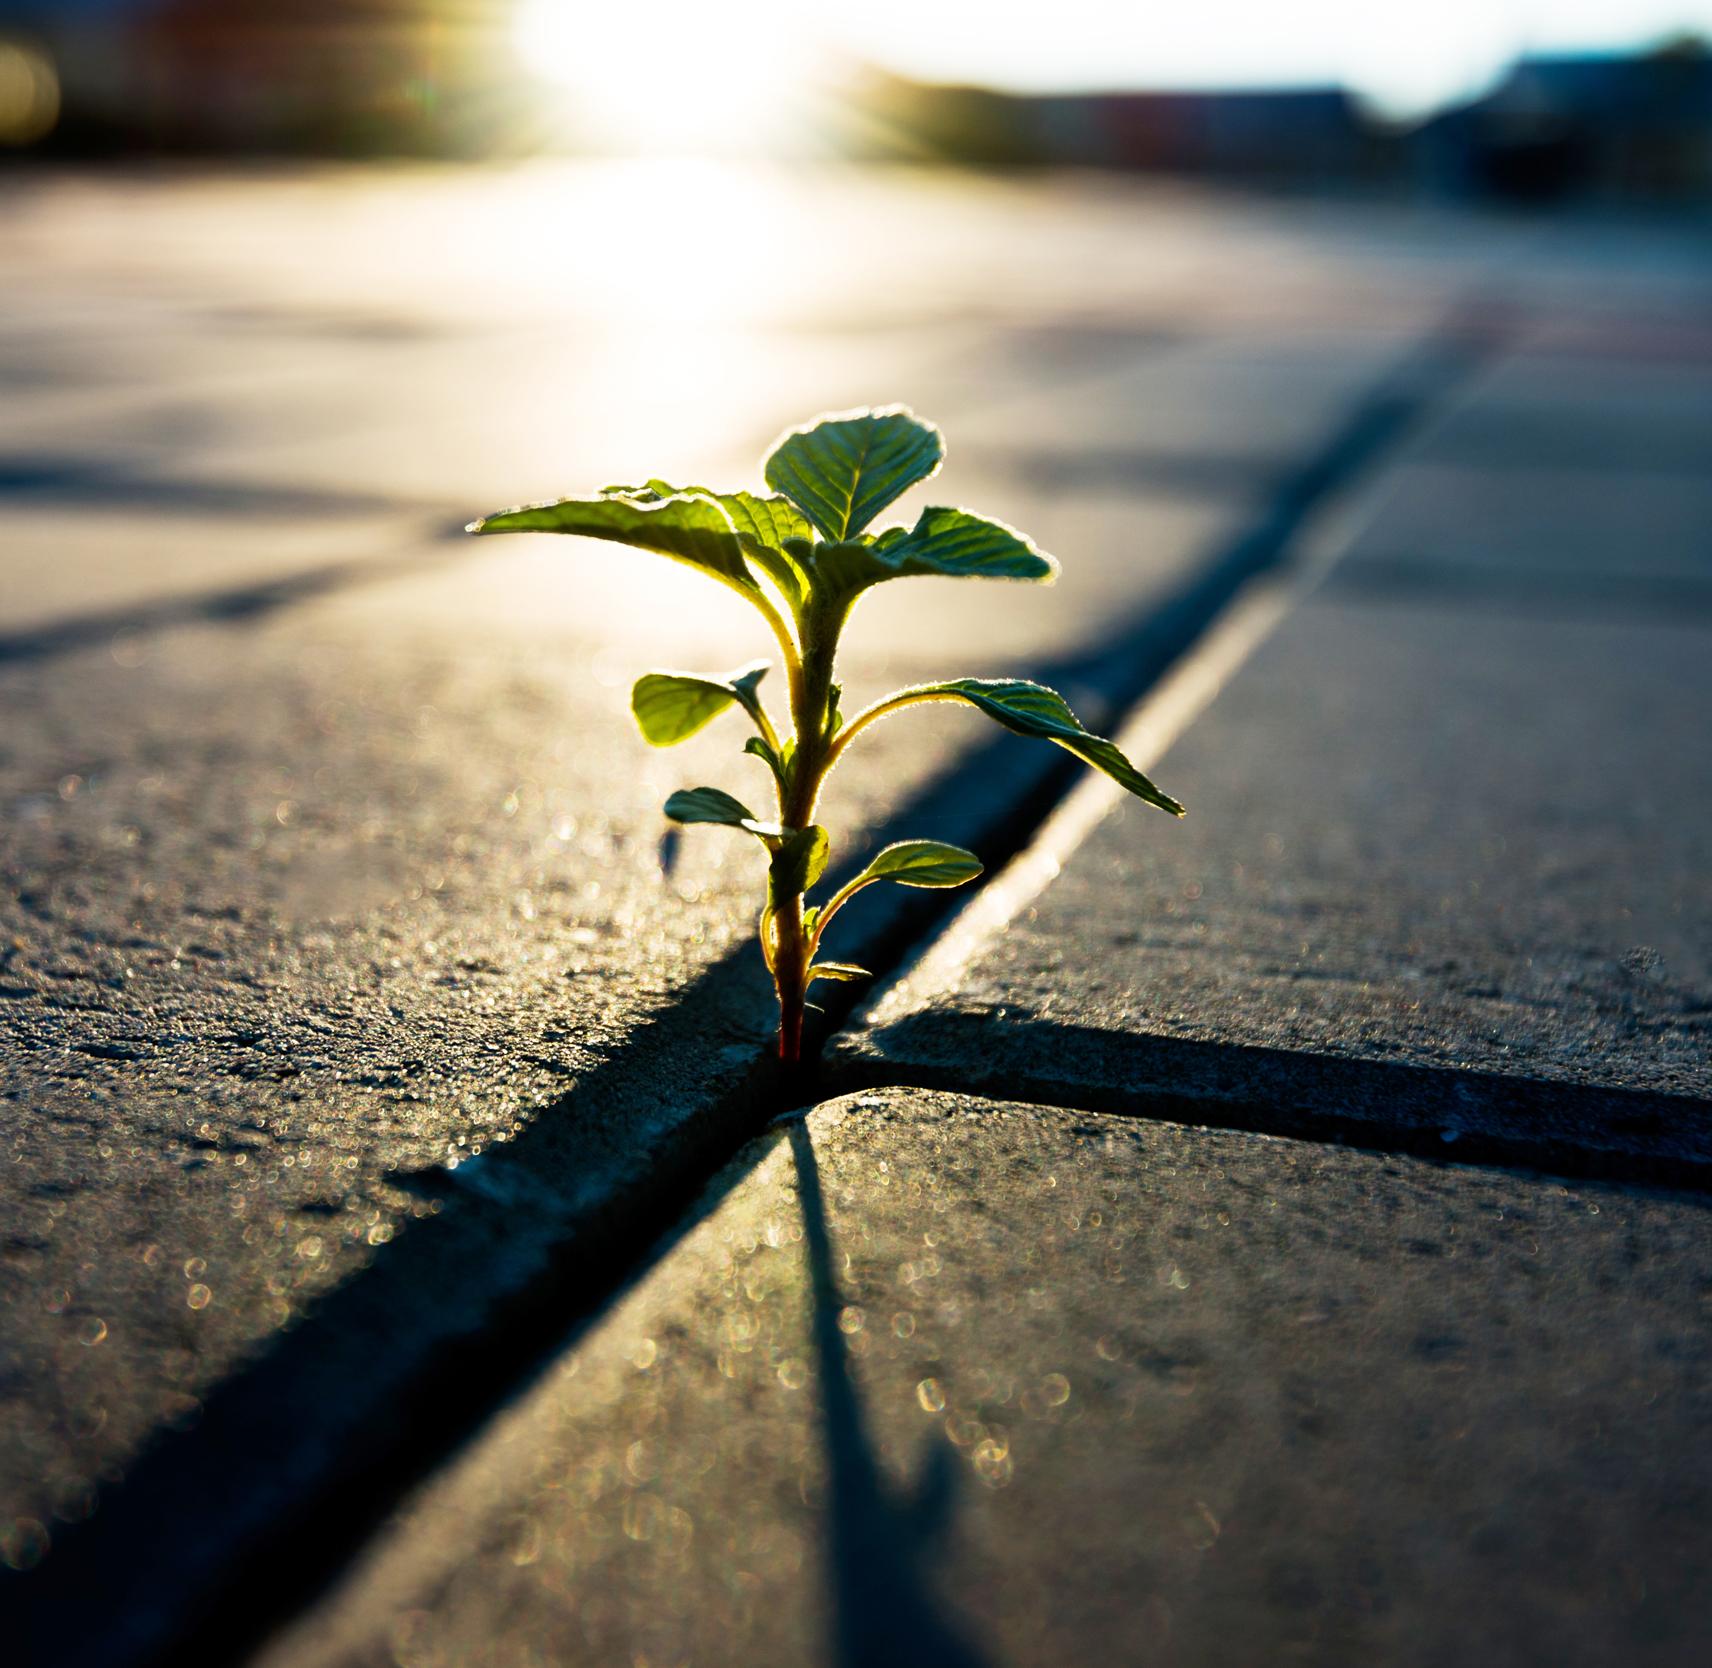 Growth Through Trauma